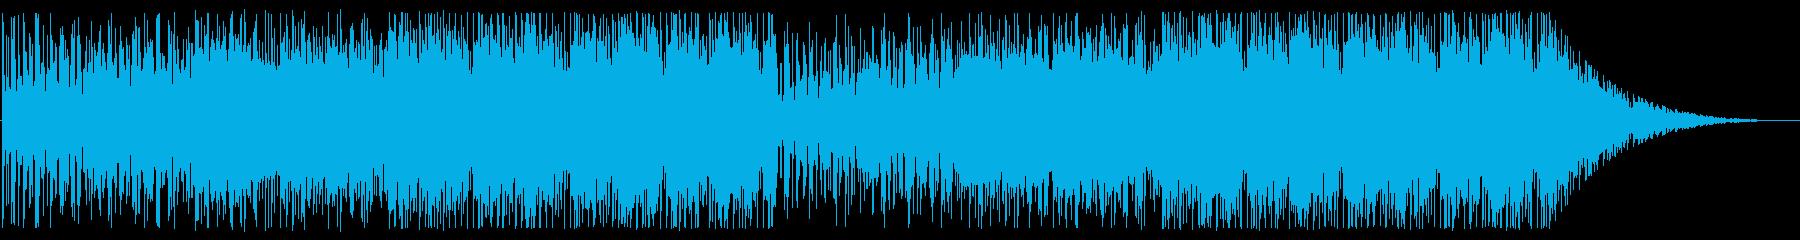 開放的/宇宙/エレクトロ_No602_1の再生済みの波形